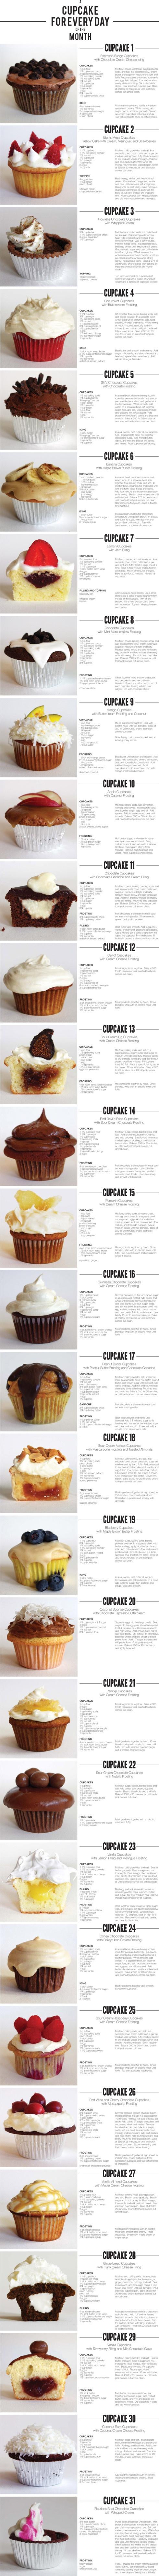 Un cupcake para cada día del mes #infografia #infographic